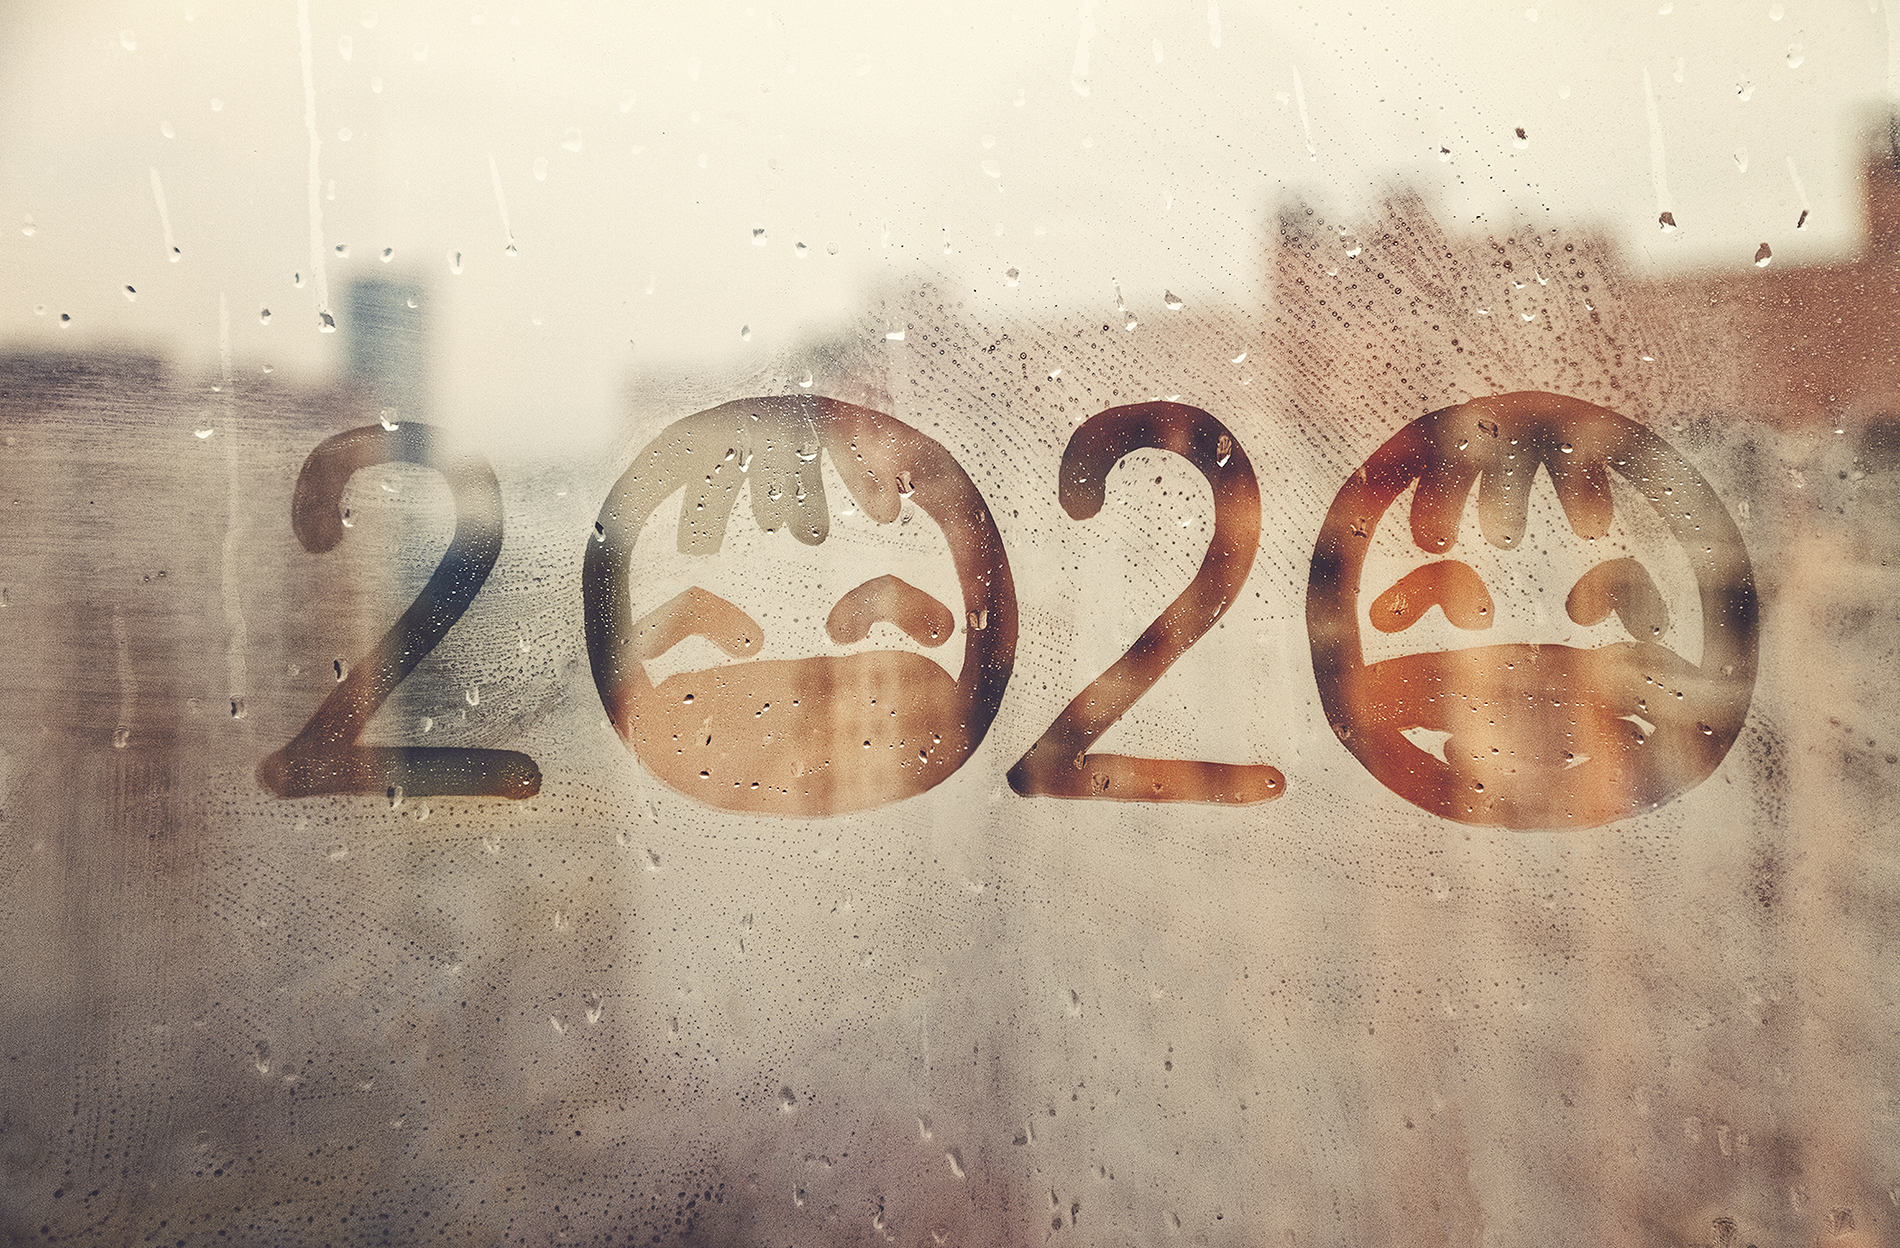 2020 ist auf eine beschlagene Scheibe geschrieben